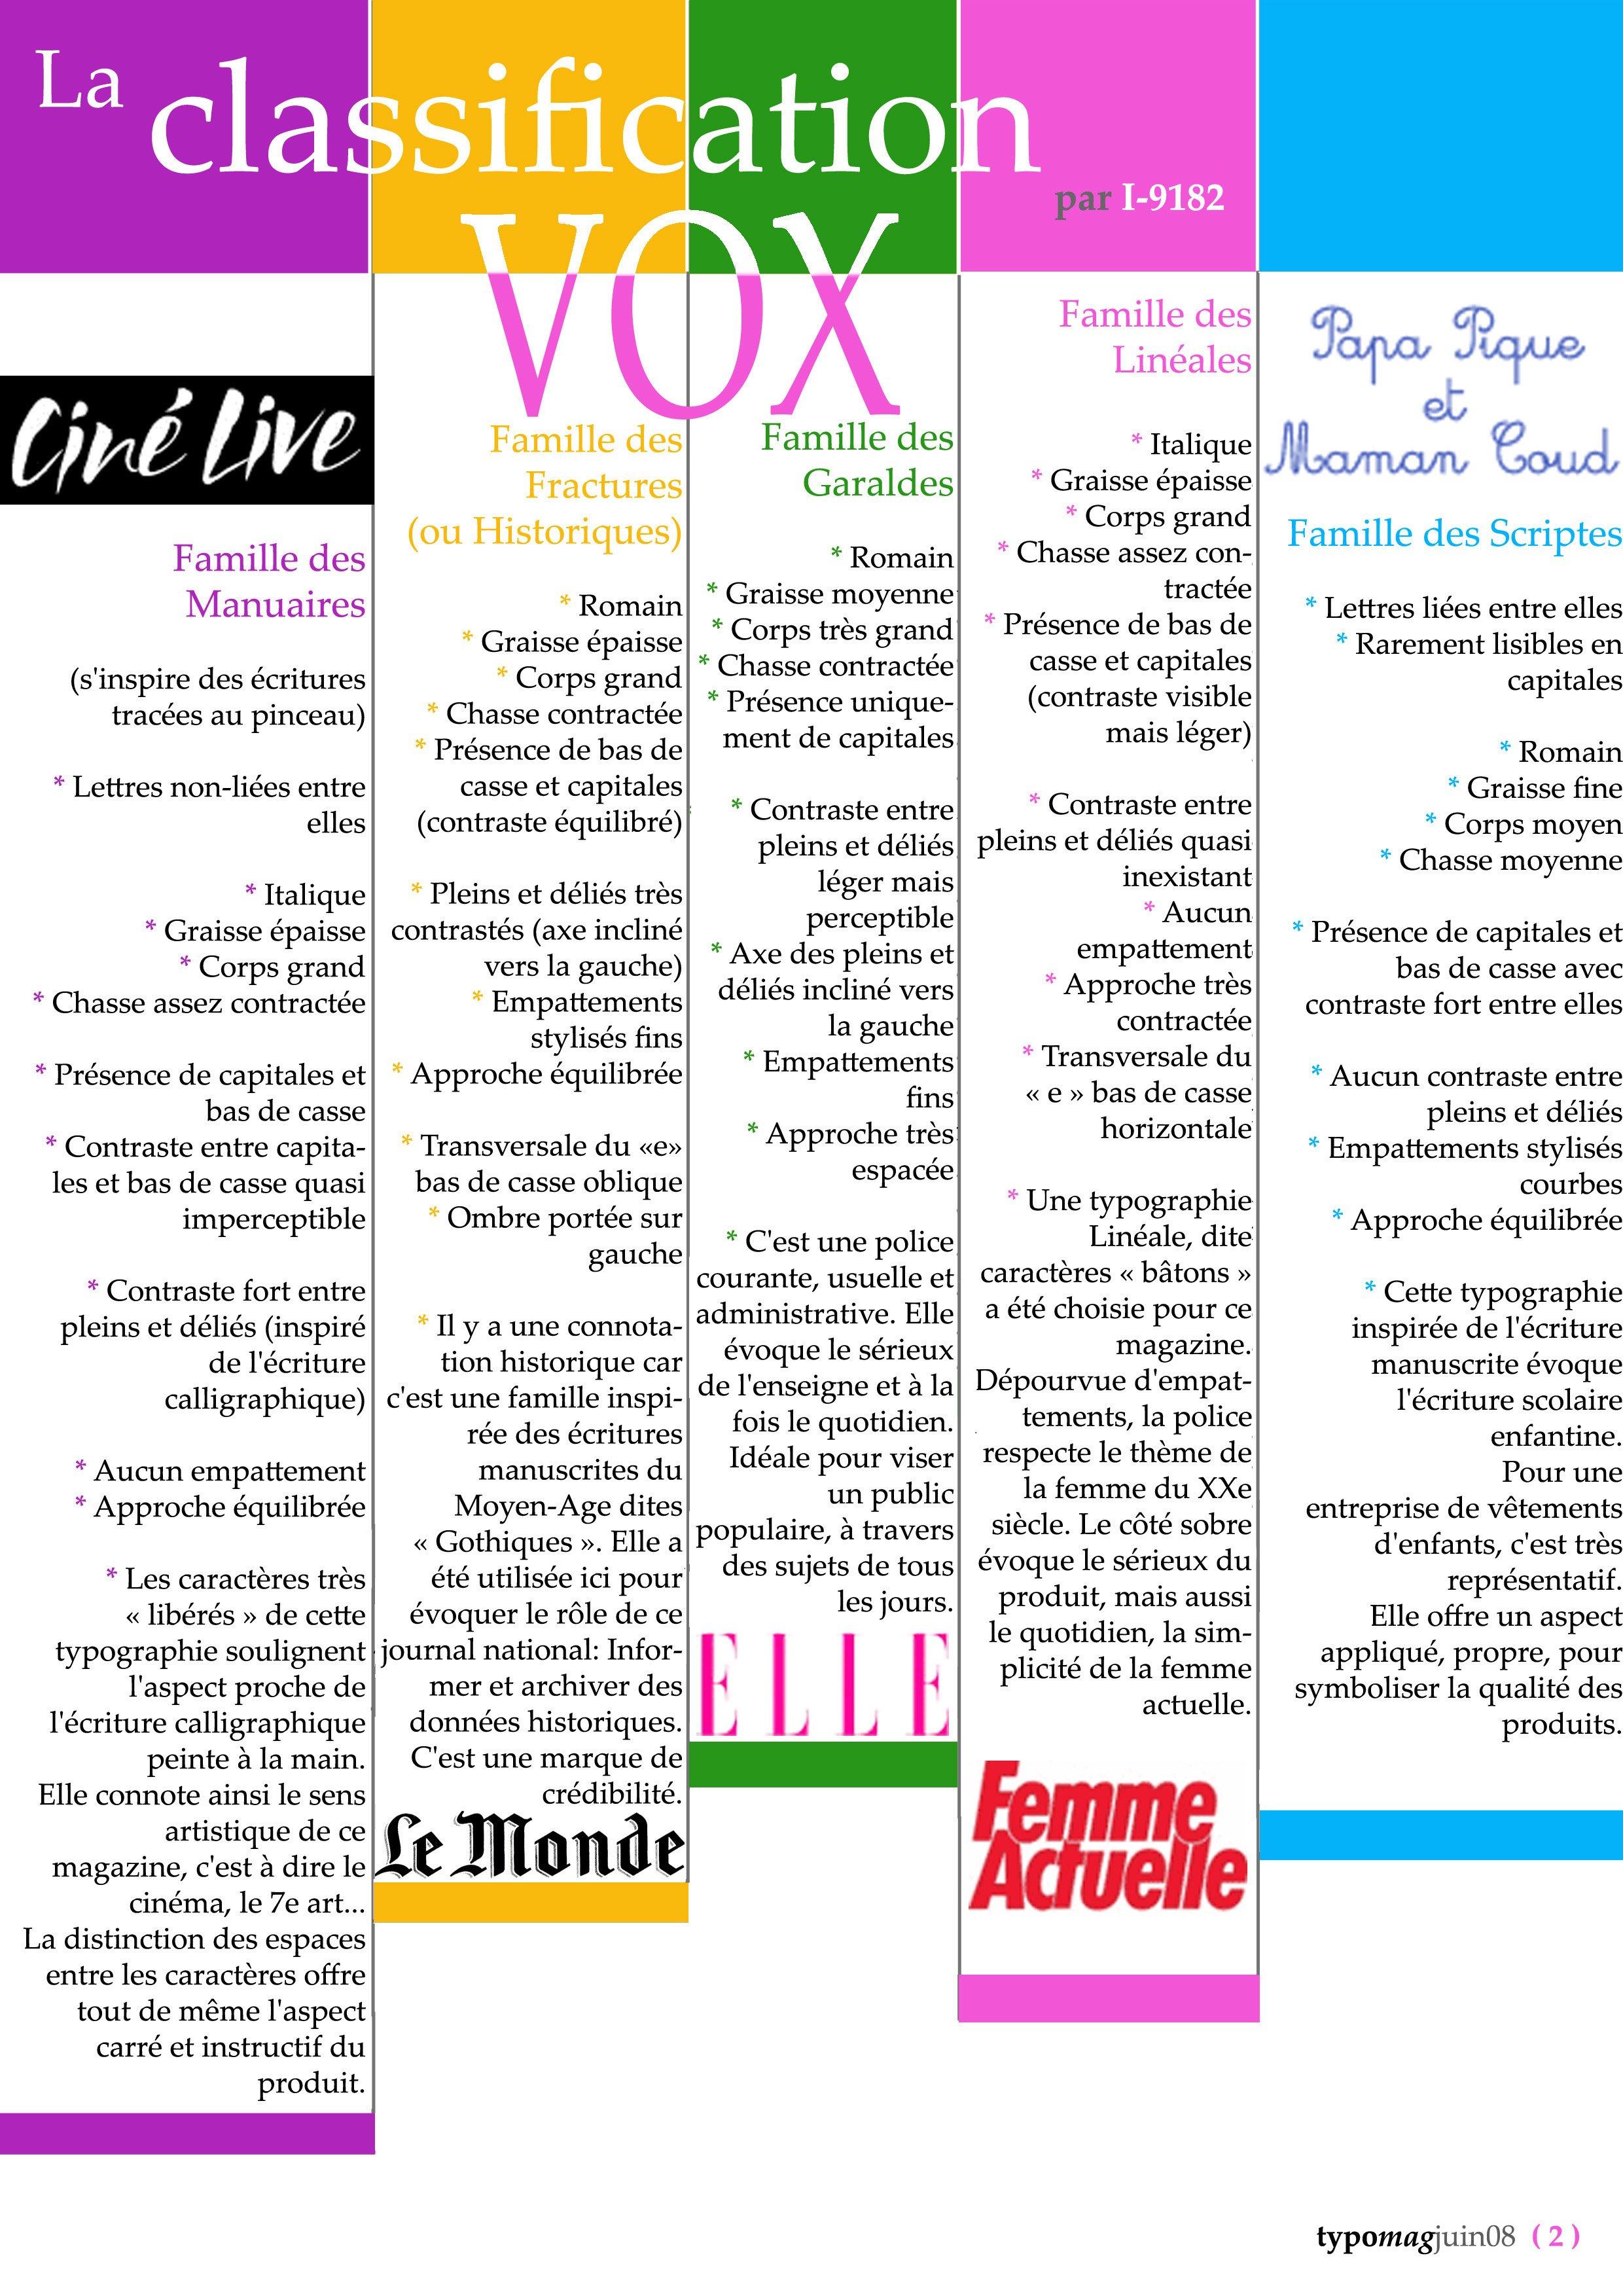 Les cours de design graphique design and the city for Cours de design